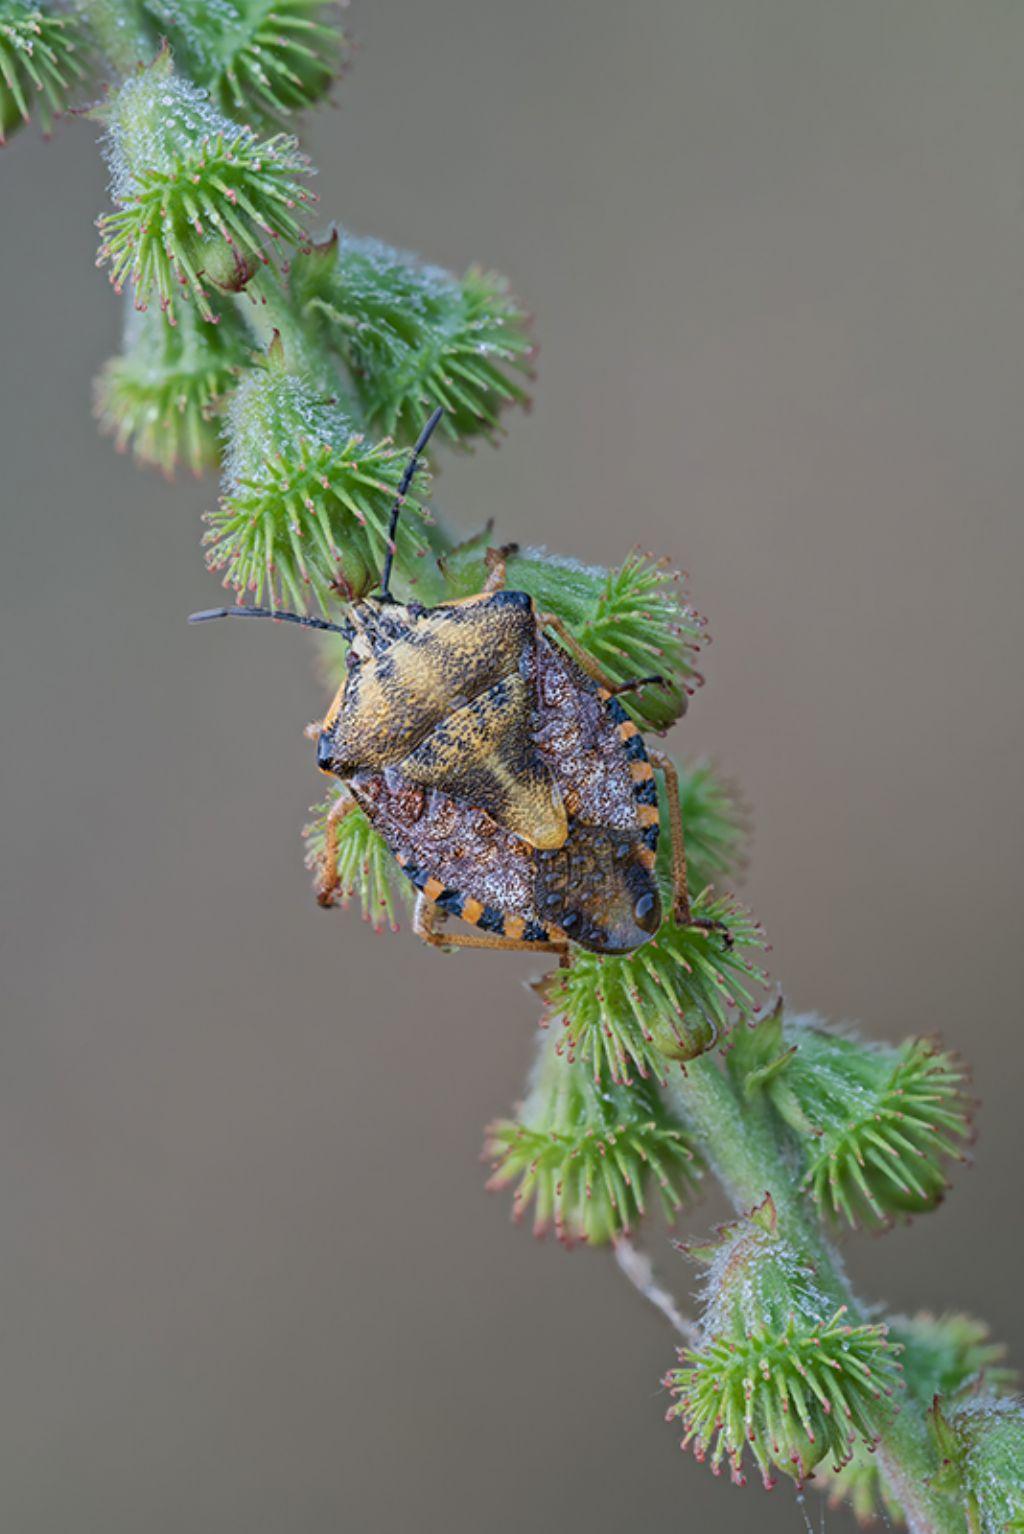 Pentatomidae: Carpocoris pudicus